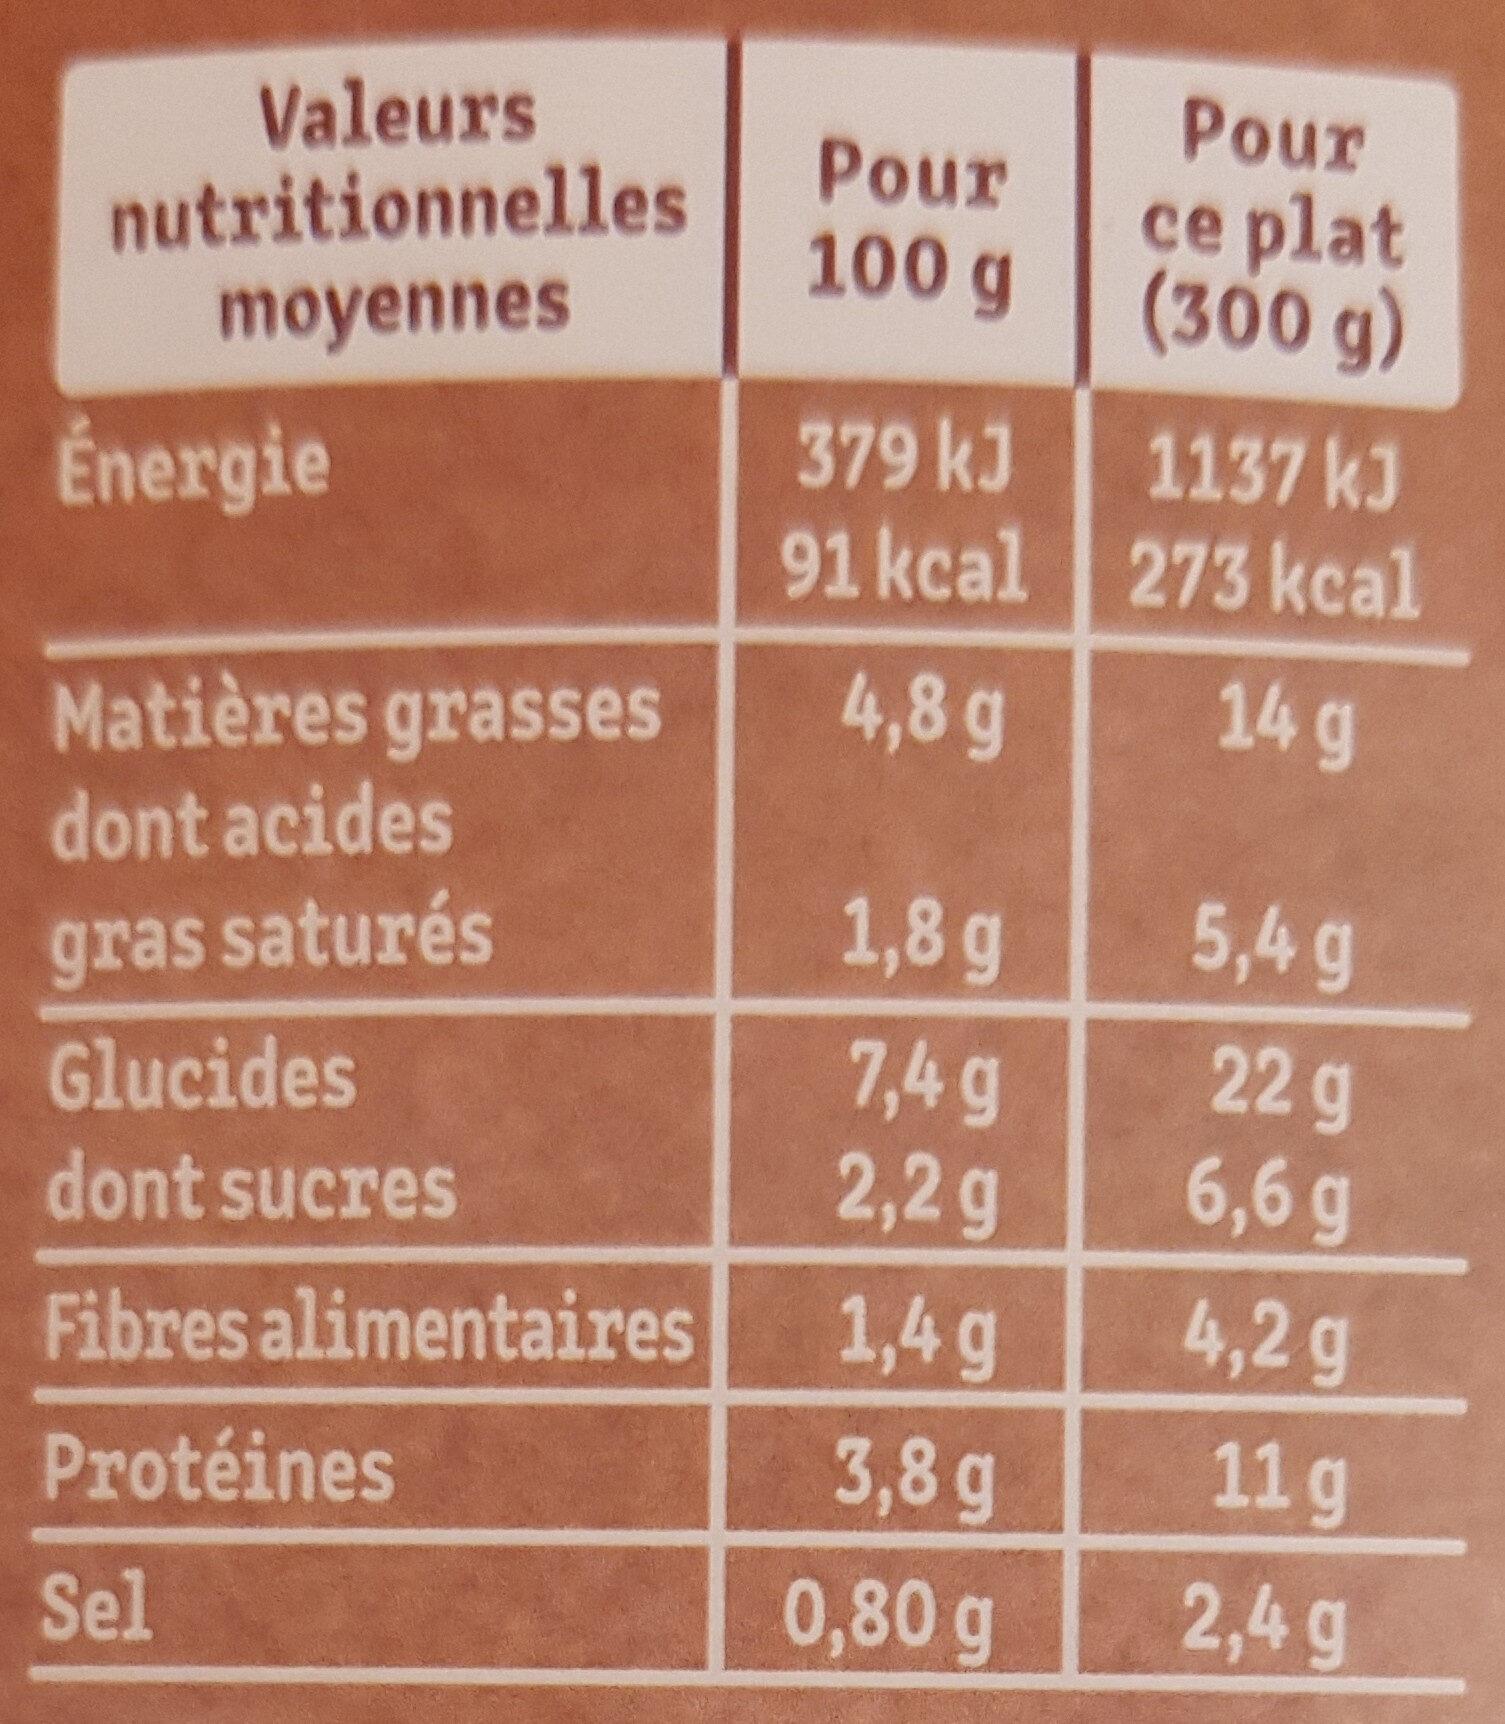 Le Gratin à la provençale pecorino & herbes de provence - Valori nutrizionali - fr